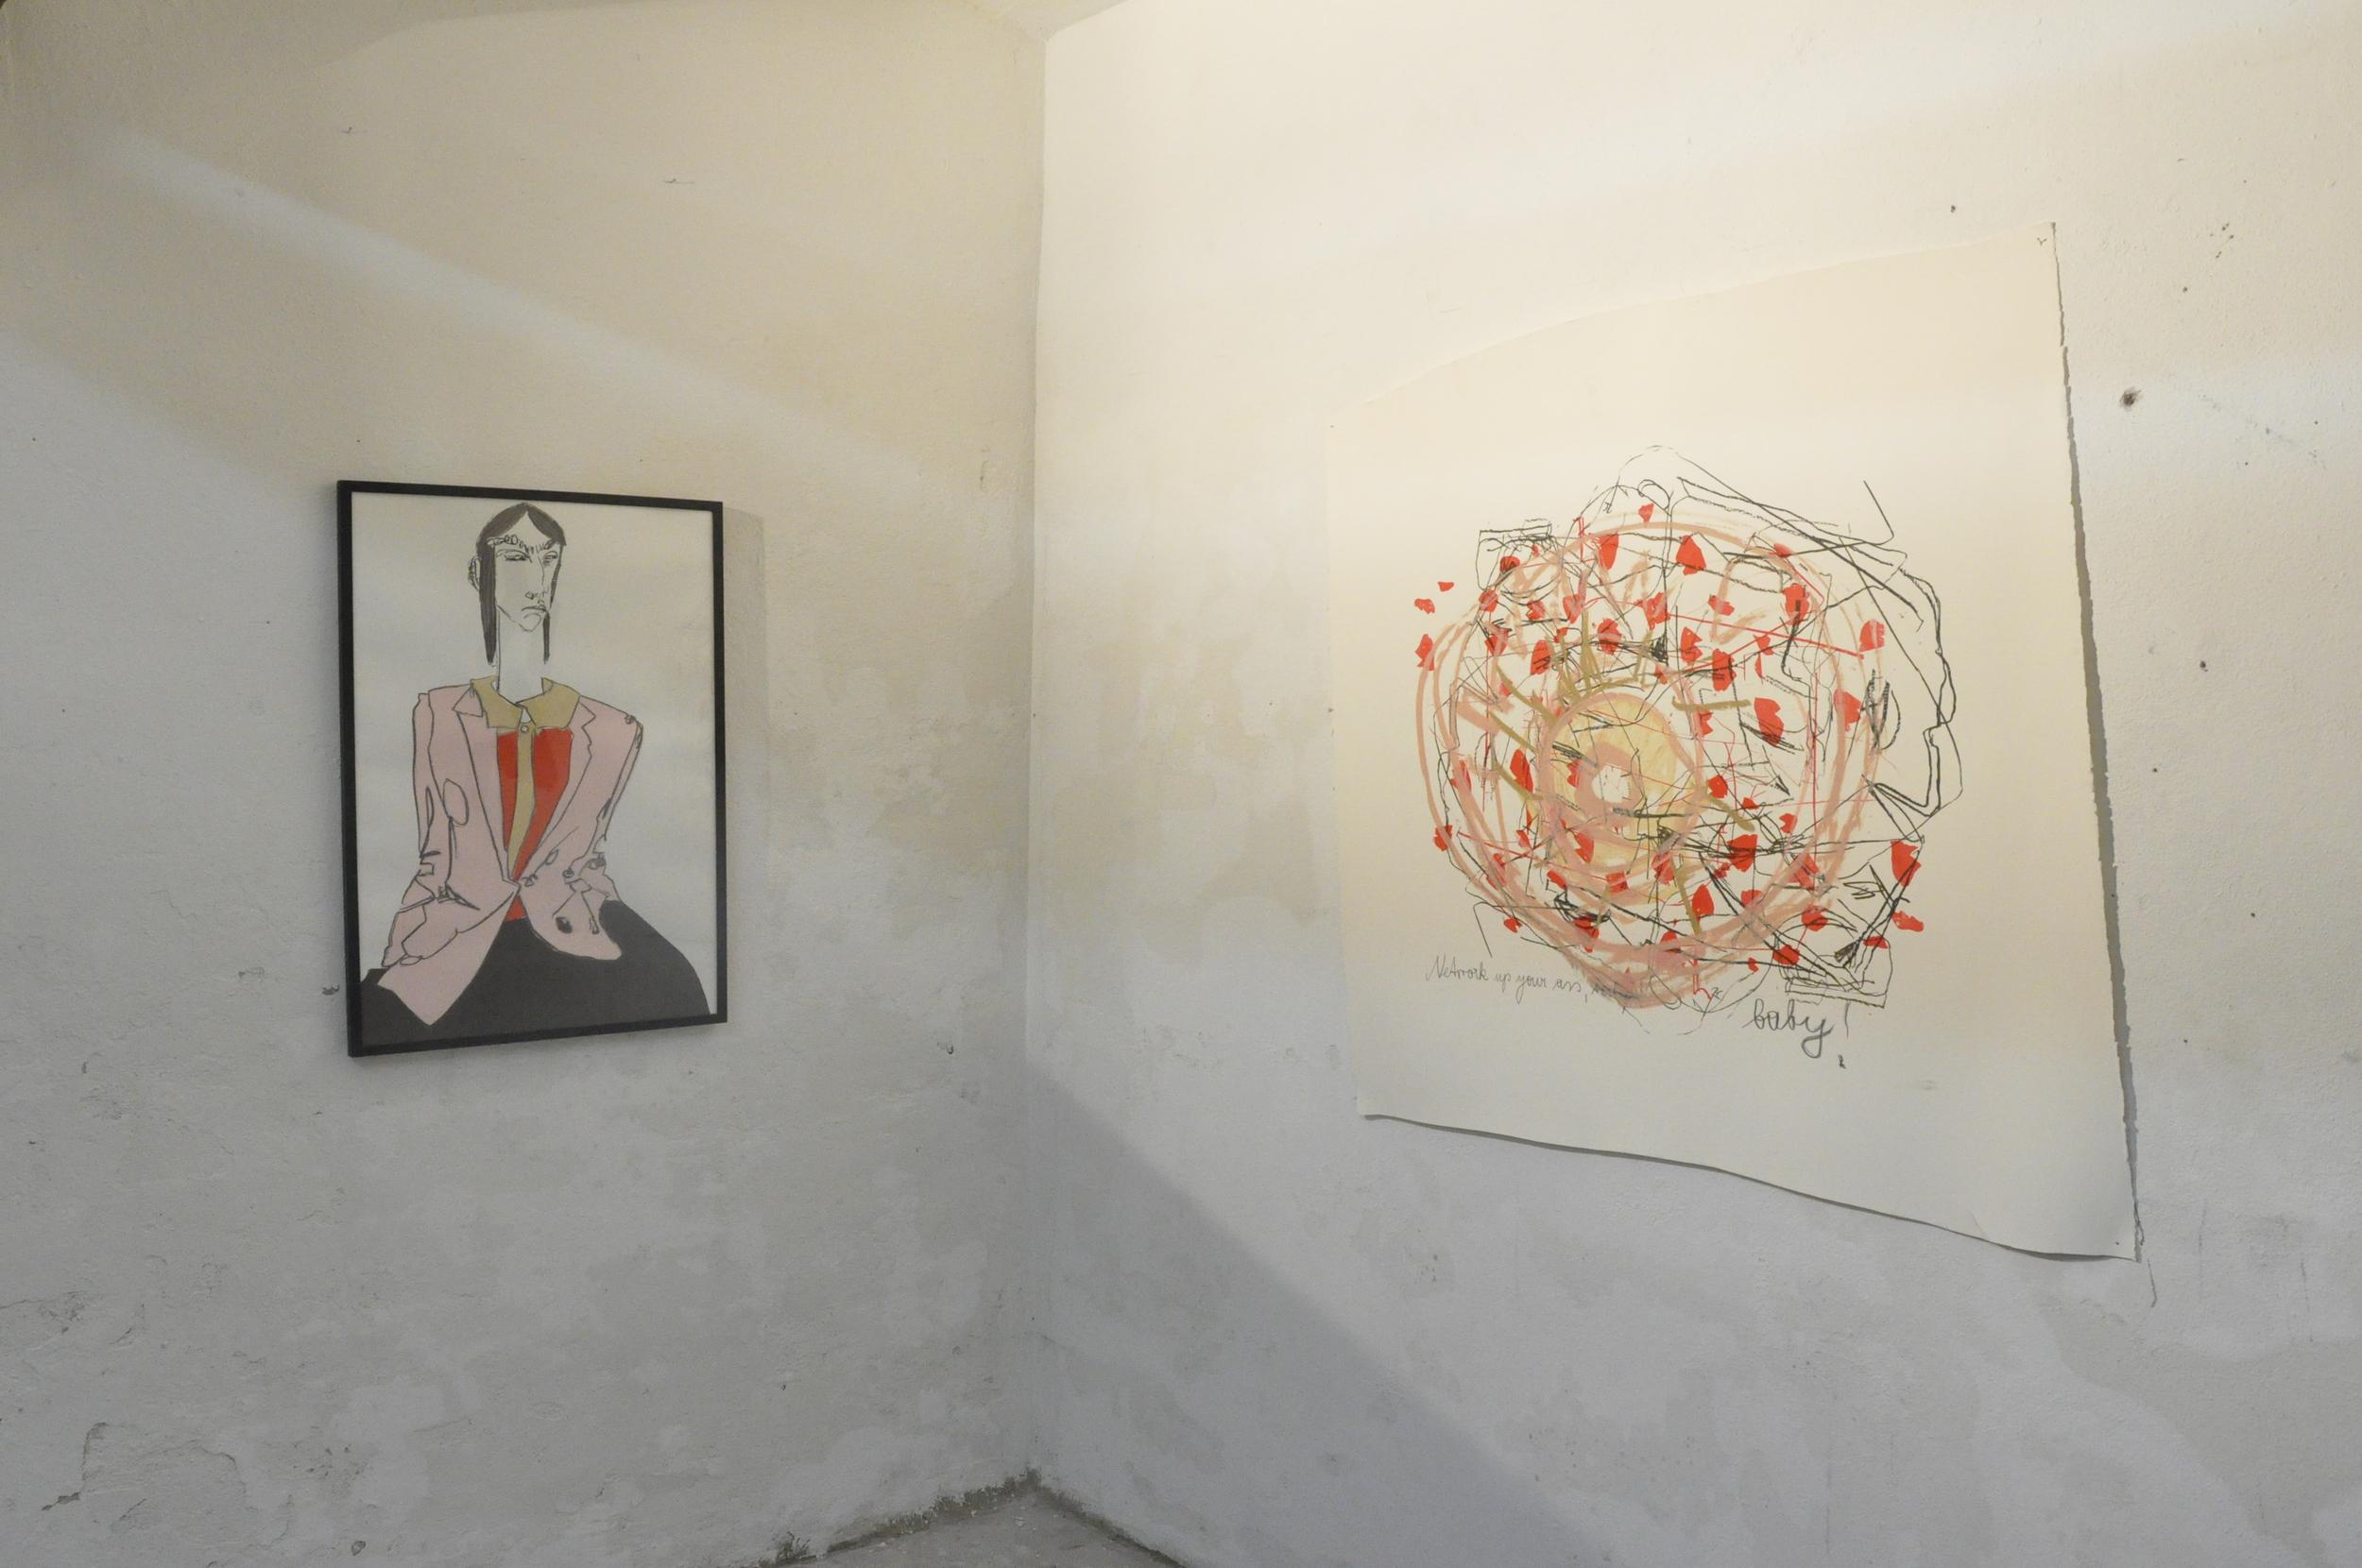 Installationshot  1st cellar exhibition